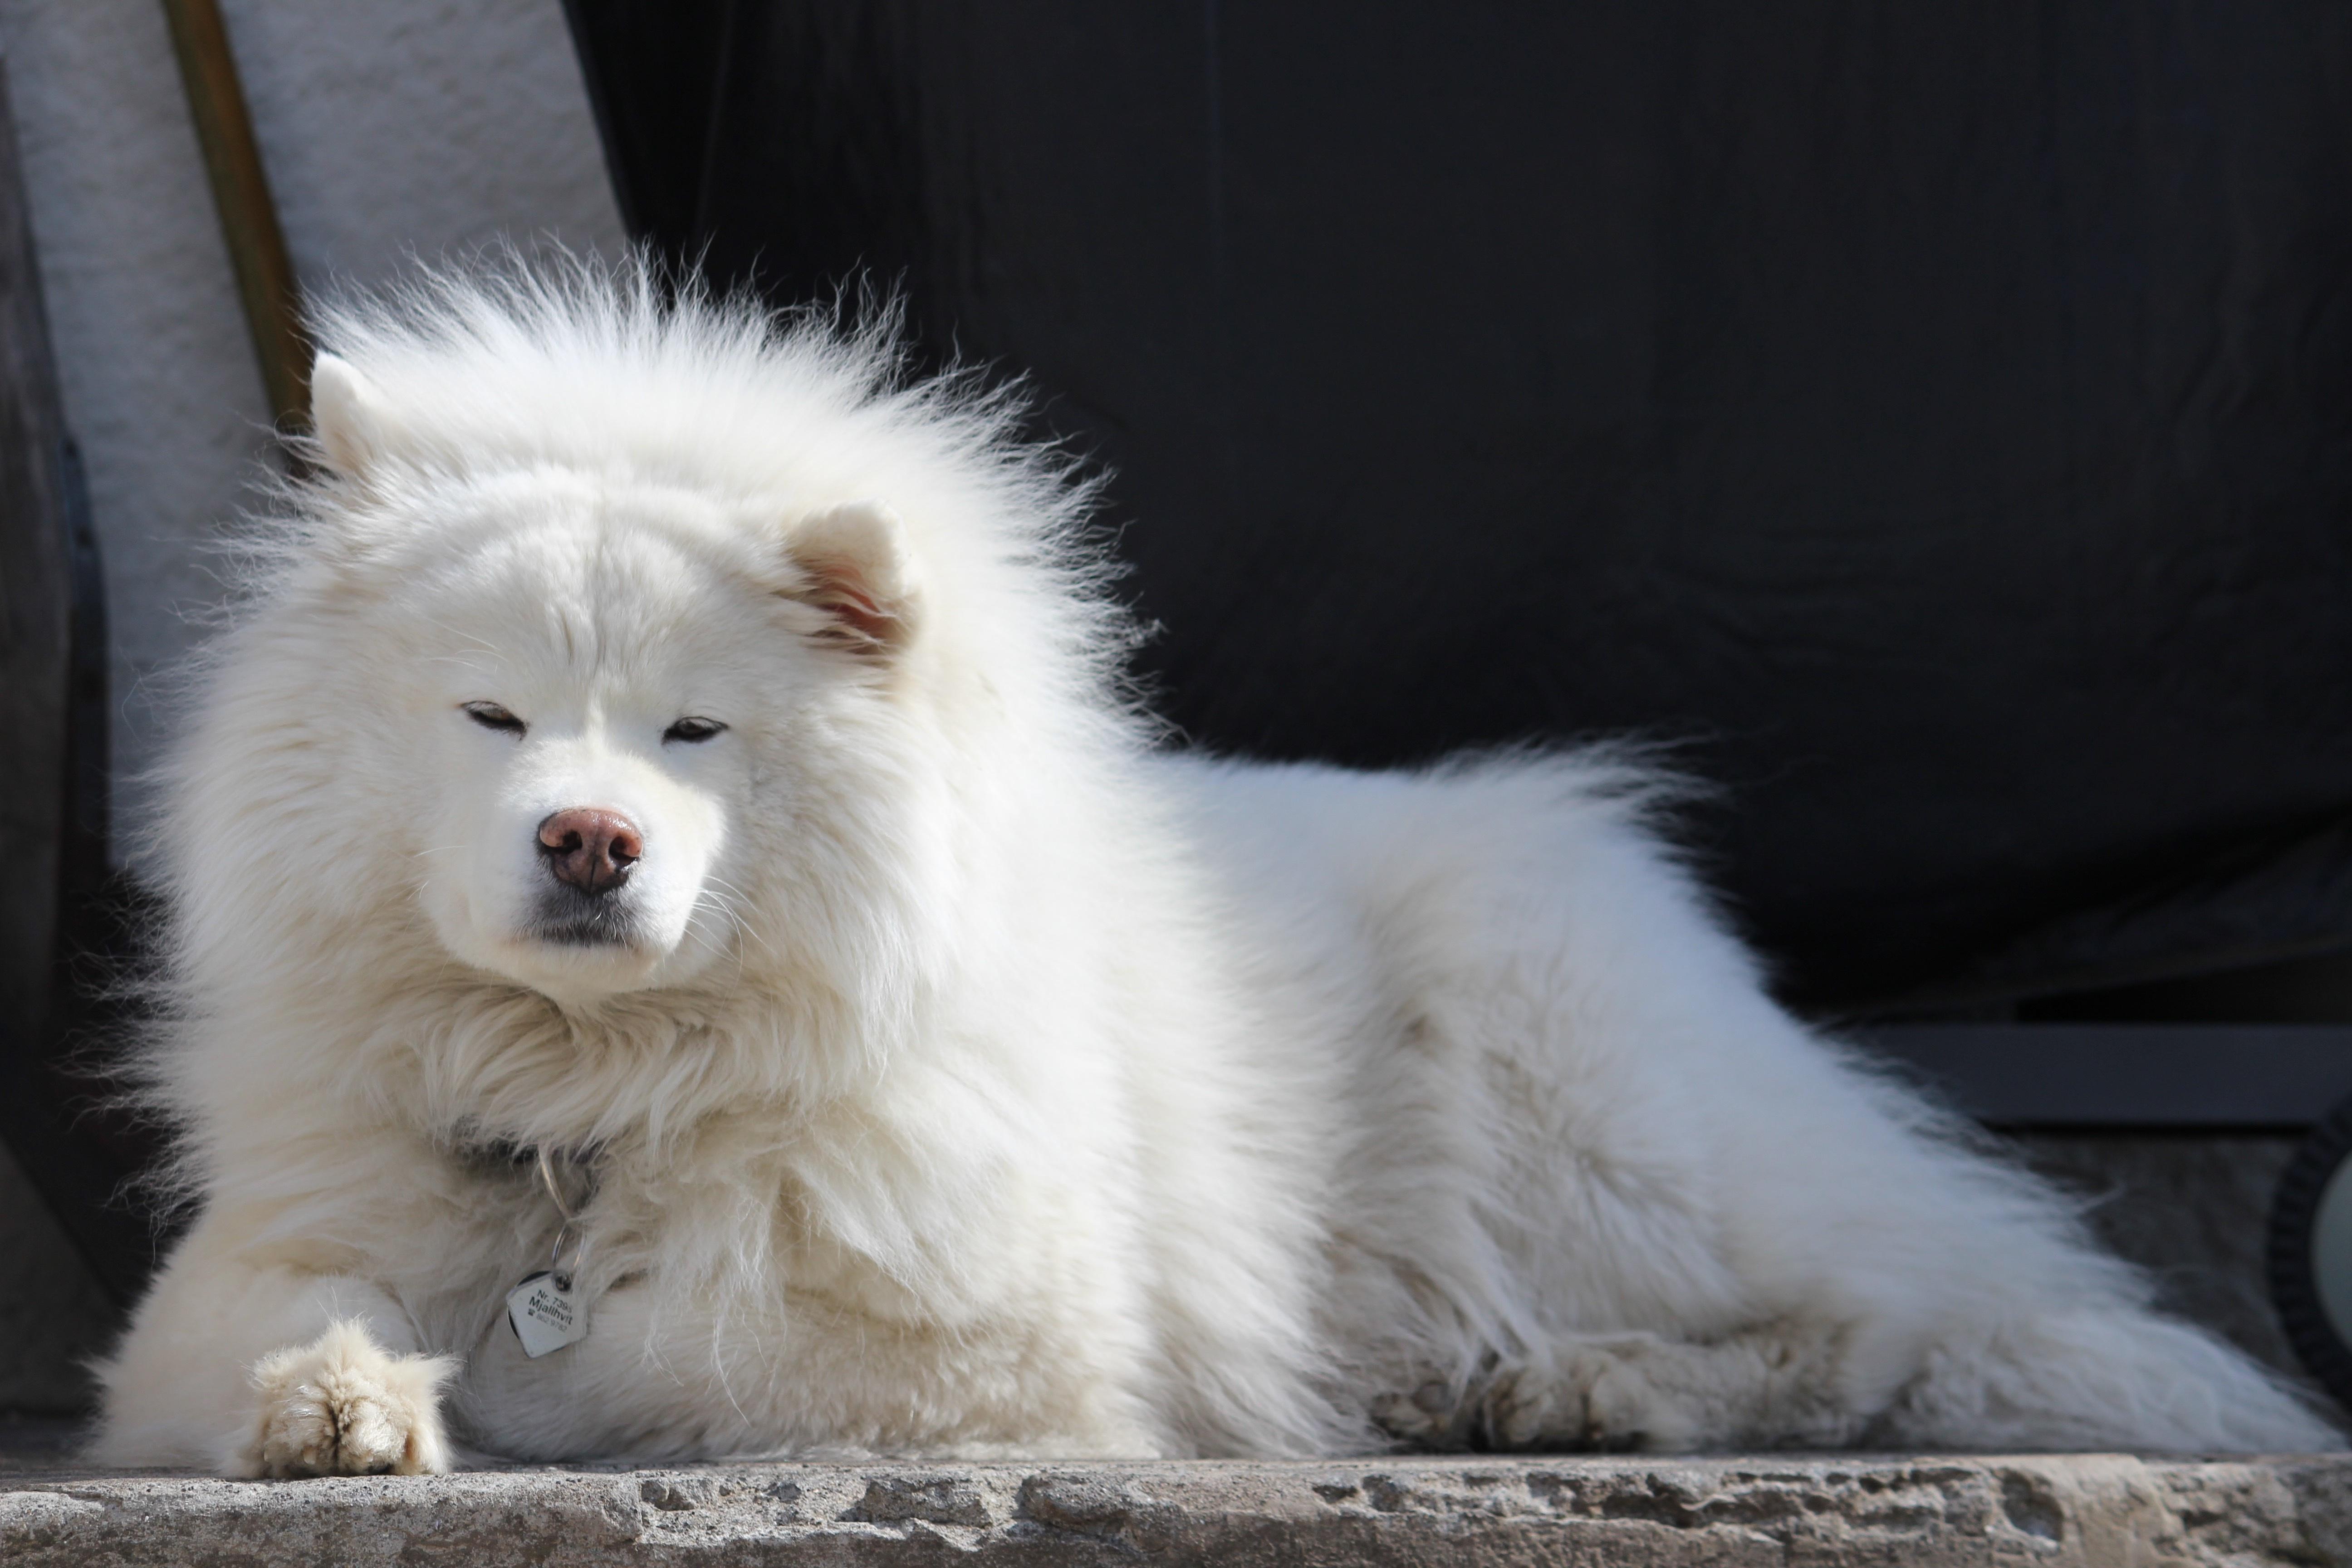 Wonderful Spitz Canine Adorable Dog - white-dog-animal-cute-canine-sunbathing-pet-mammal-iceland-relaxing-vertebrate-chill-domestic-large-dog-breed-doggy-samoyed-alaskan-malamute-dog-like-mammal-carnivoran-dog-breed-group-greenland-dog-german-spitz-mittel-japanese-spitz-american-eskimo-dog-german-spitz-german-spitz-klein-volpino-italiano-814012  Image_28985  .jpg